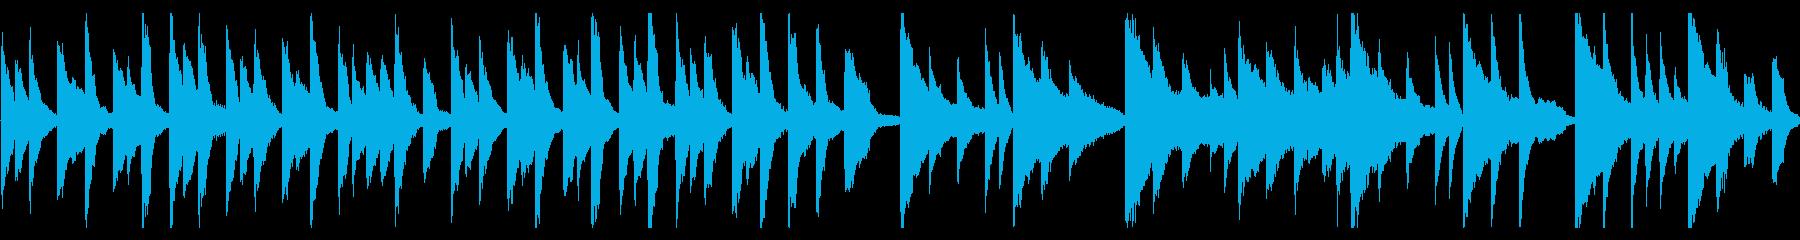 動物と赤ちゃんの散歩・ピアノ曲の再生済みの波形